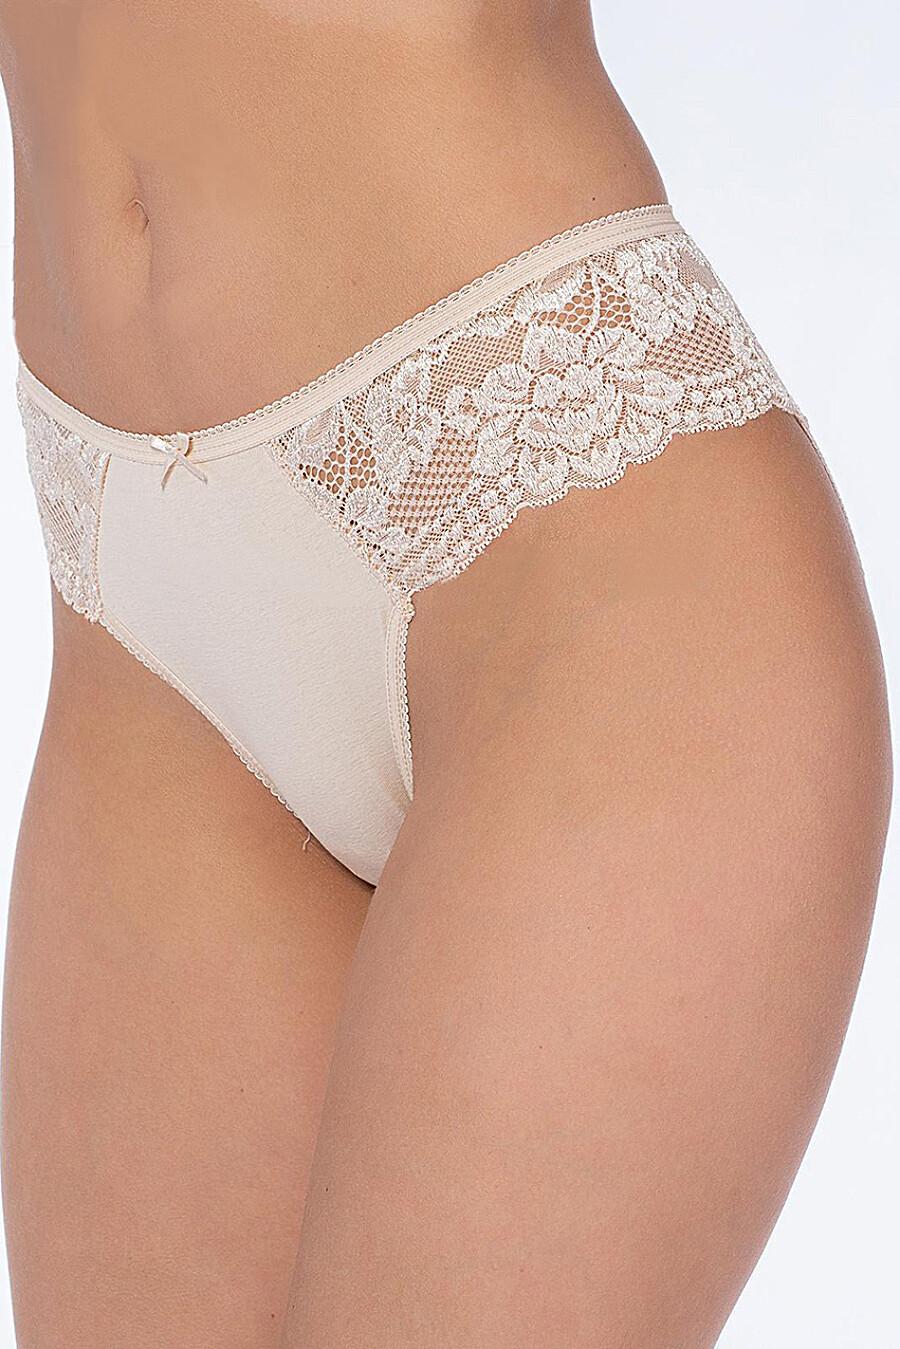 Трусы для женщин MINIMI 272785 купить оптом от производителя. Совместная покупка женской одежды в OptMoyo